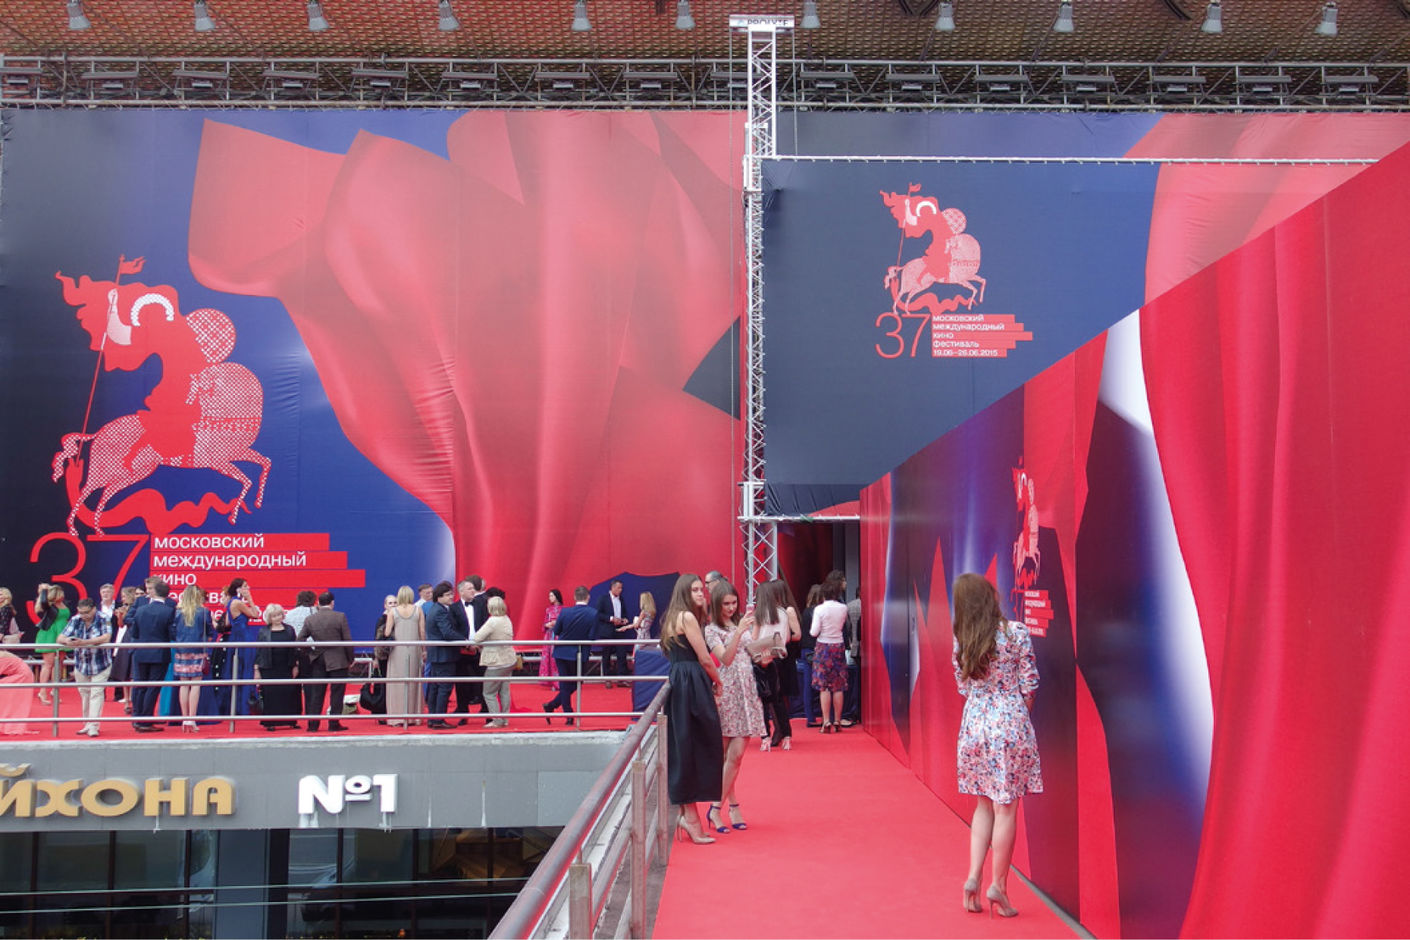 Дизайн и оформление Московского международного кинофестиваля, 2012-2019